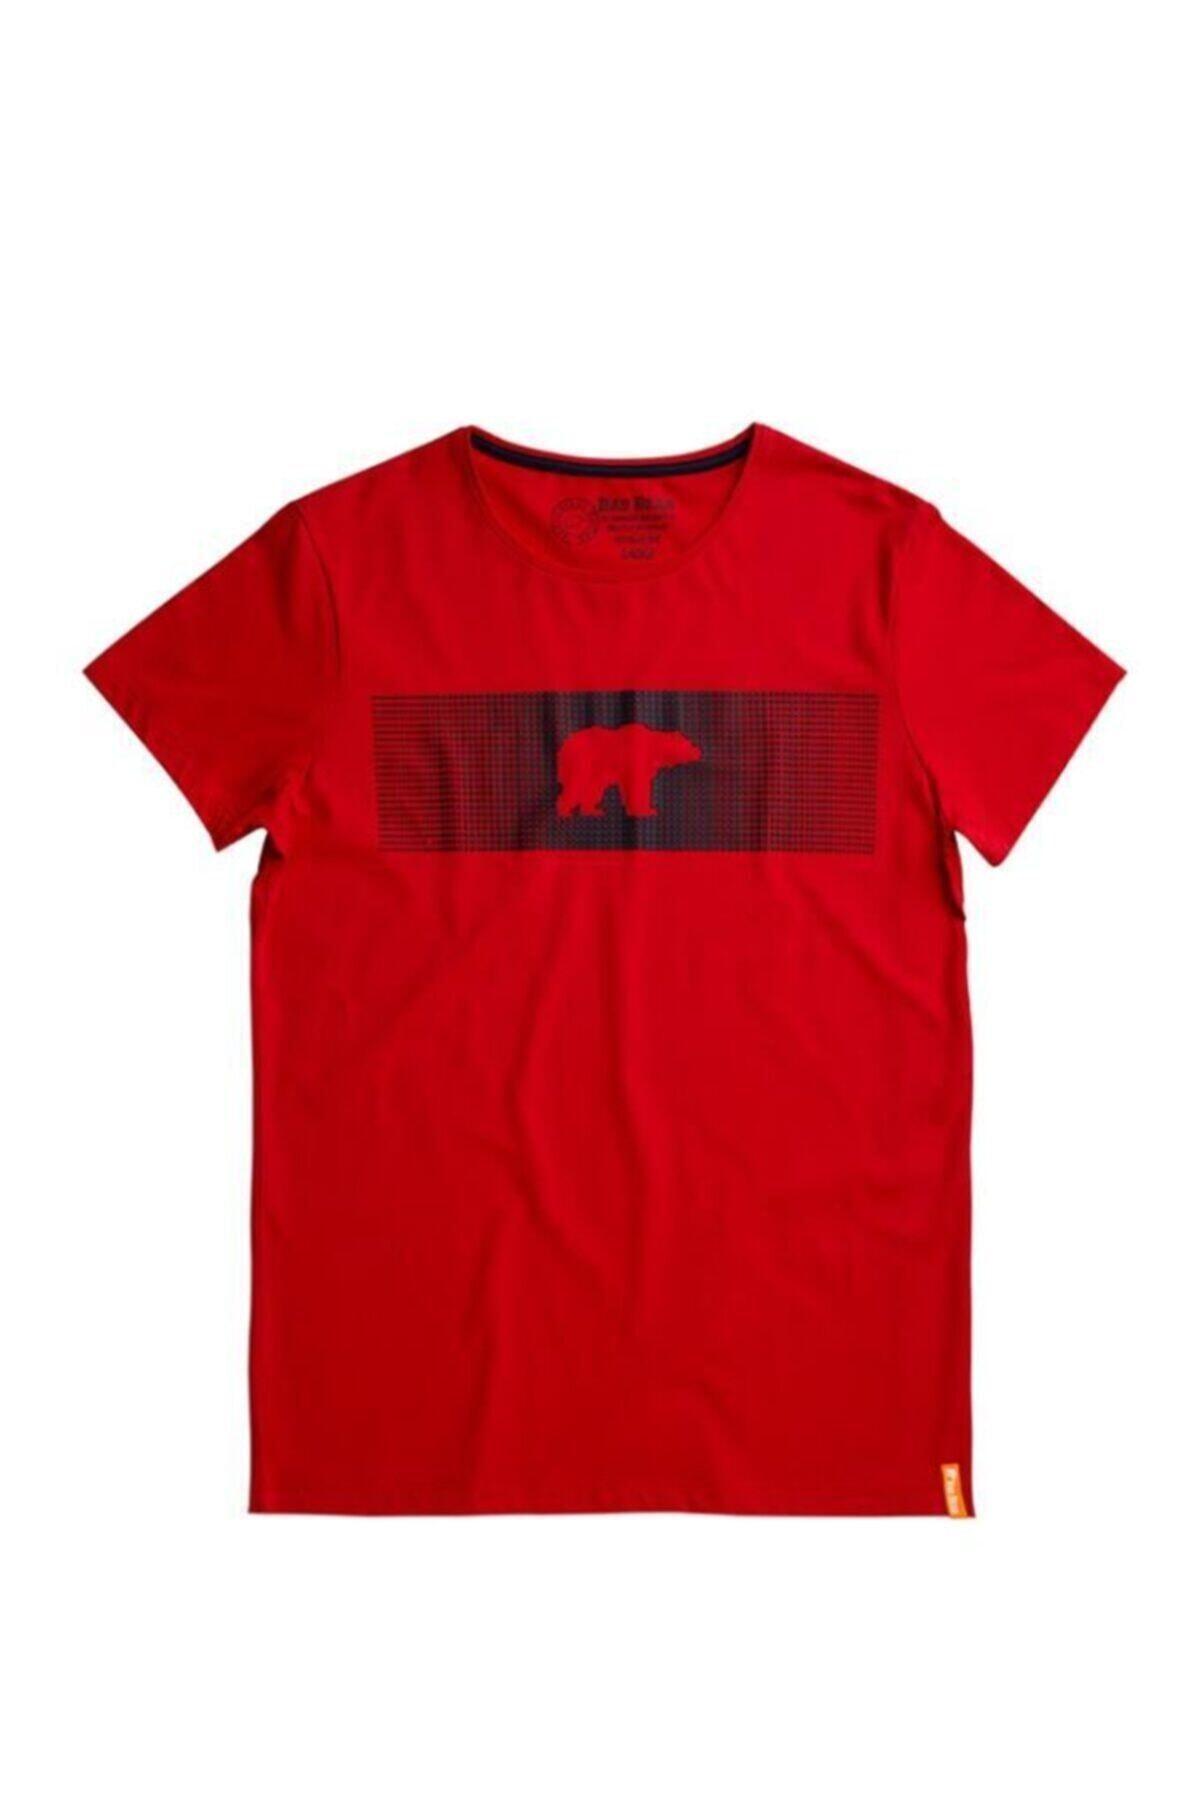 Bad Bear Fancy Erkek T-shirt (20.01.07.024-c54) 1